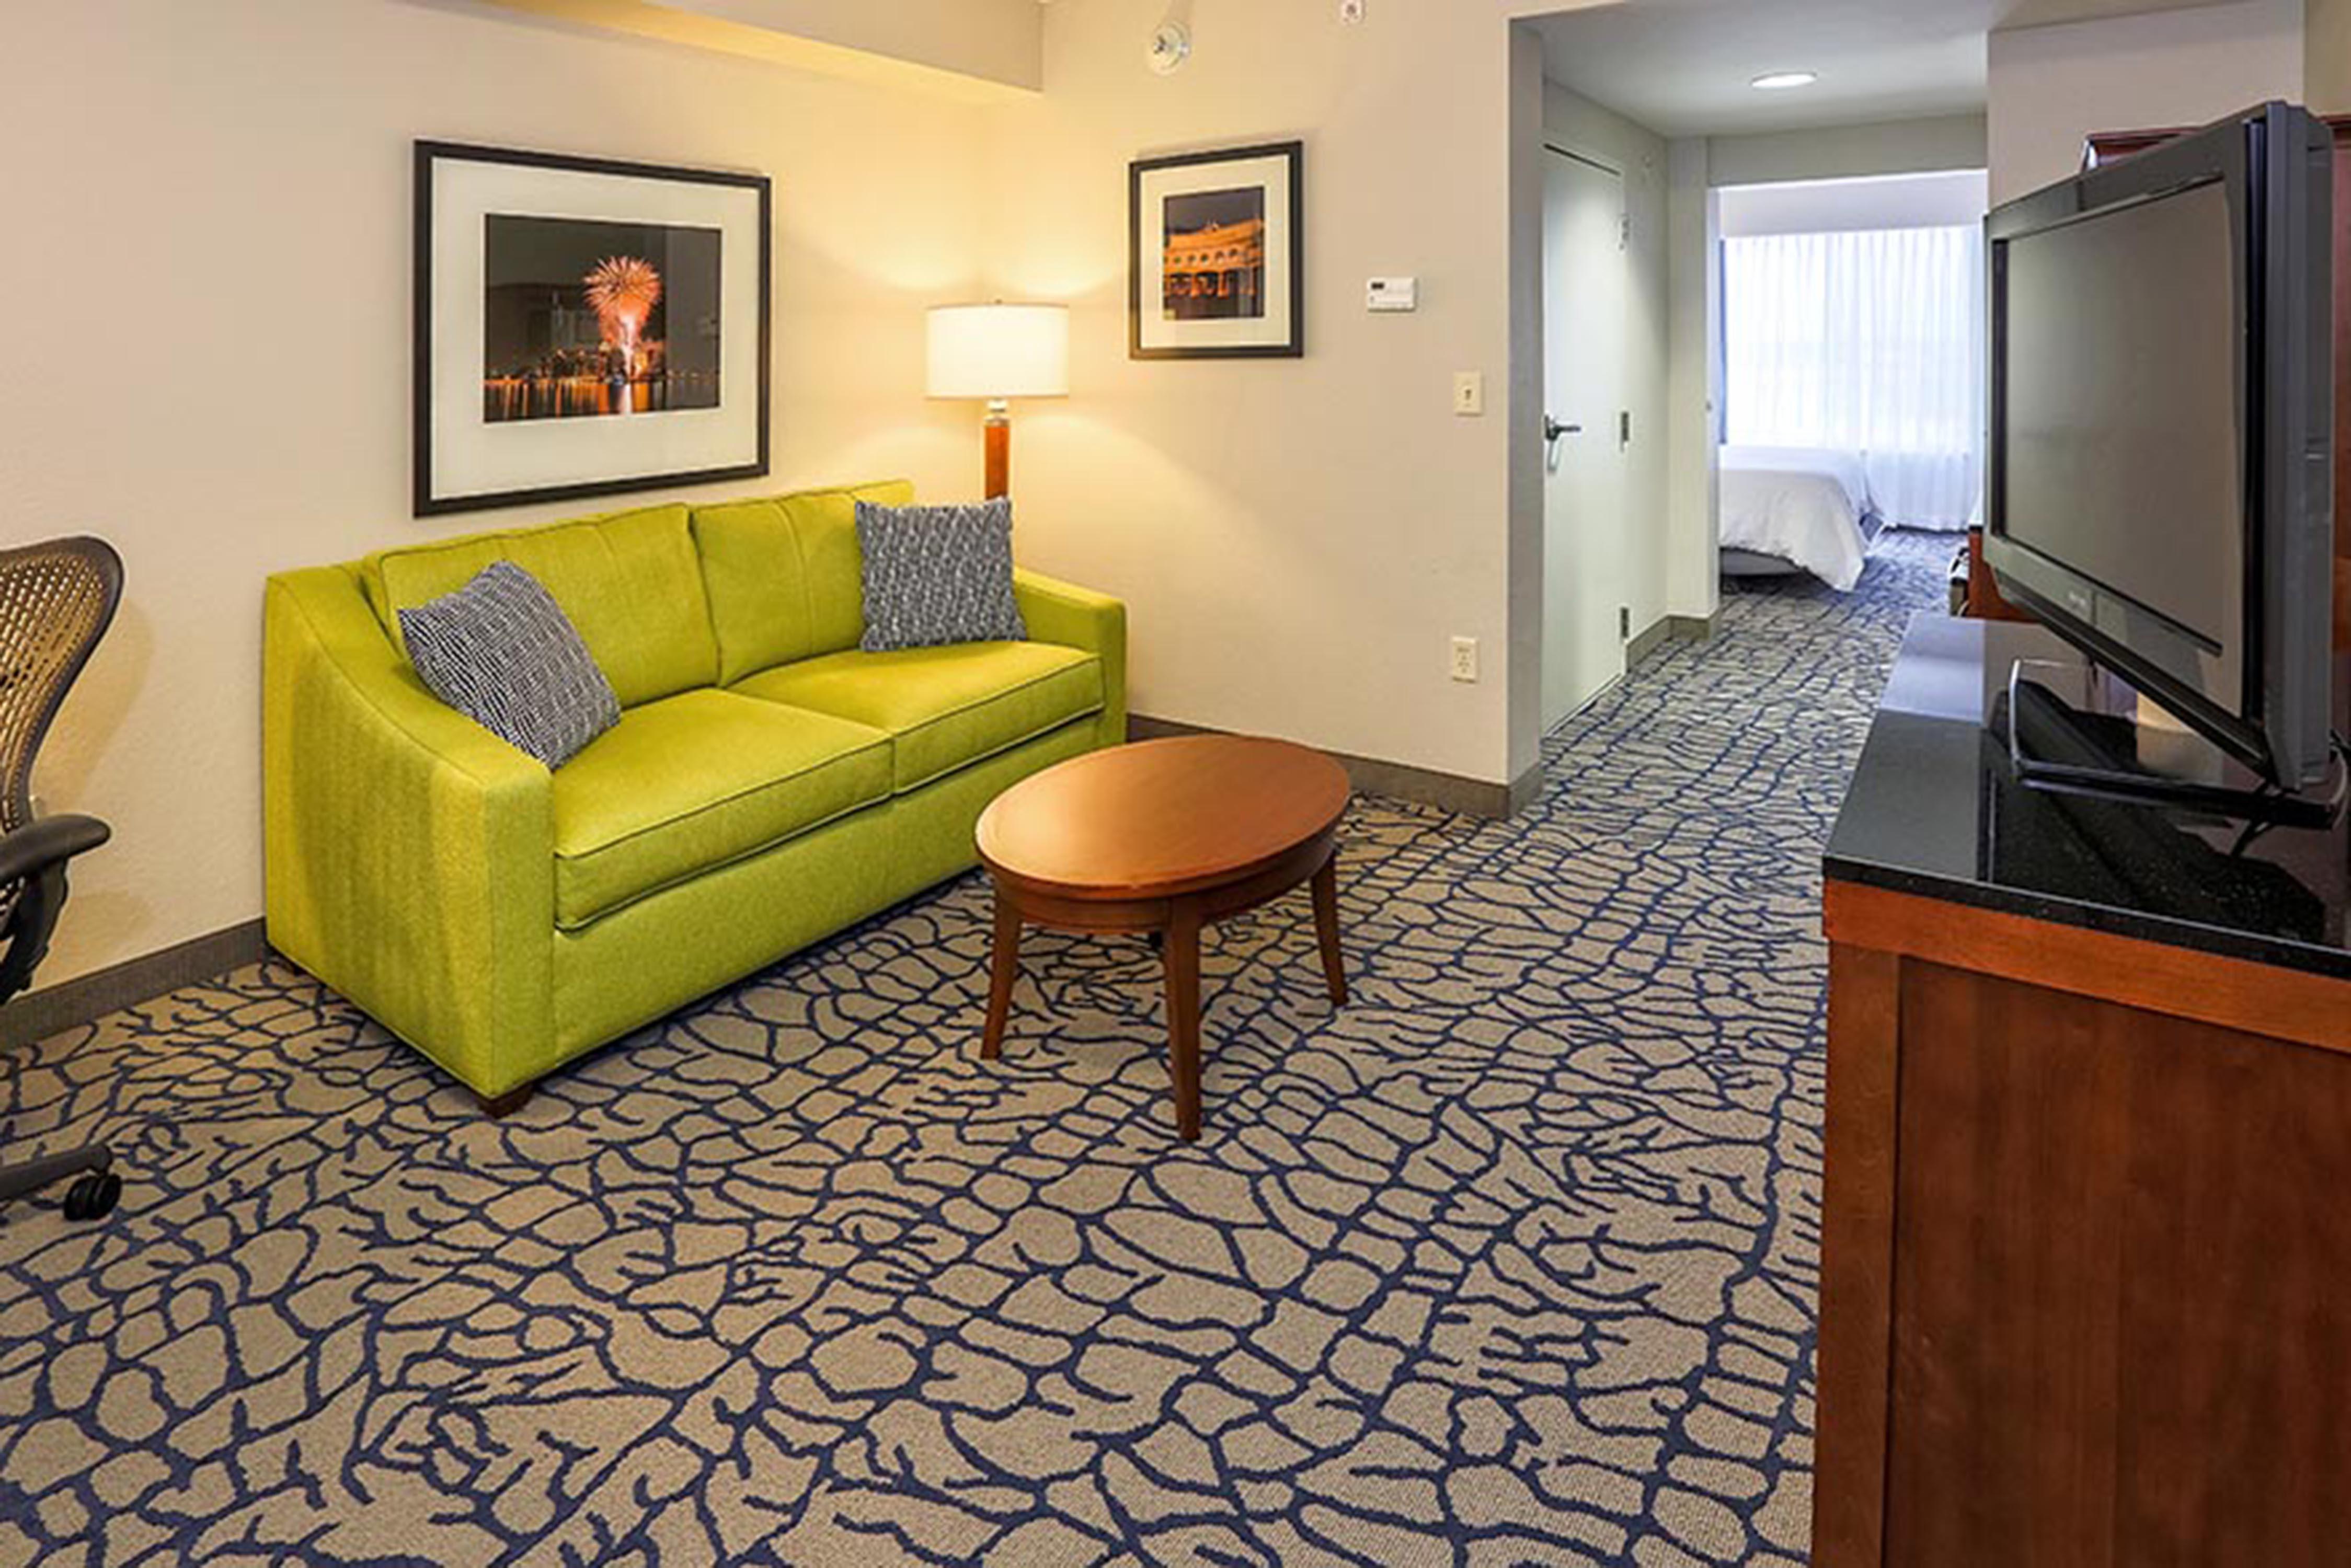 Hilton garden inn louisville northeast louisville for King fish louisville